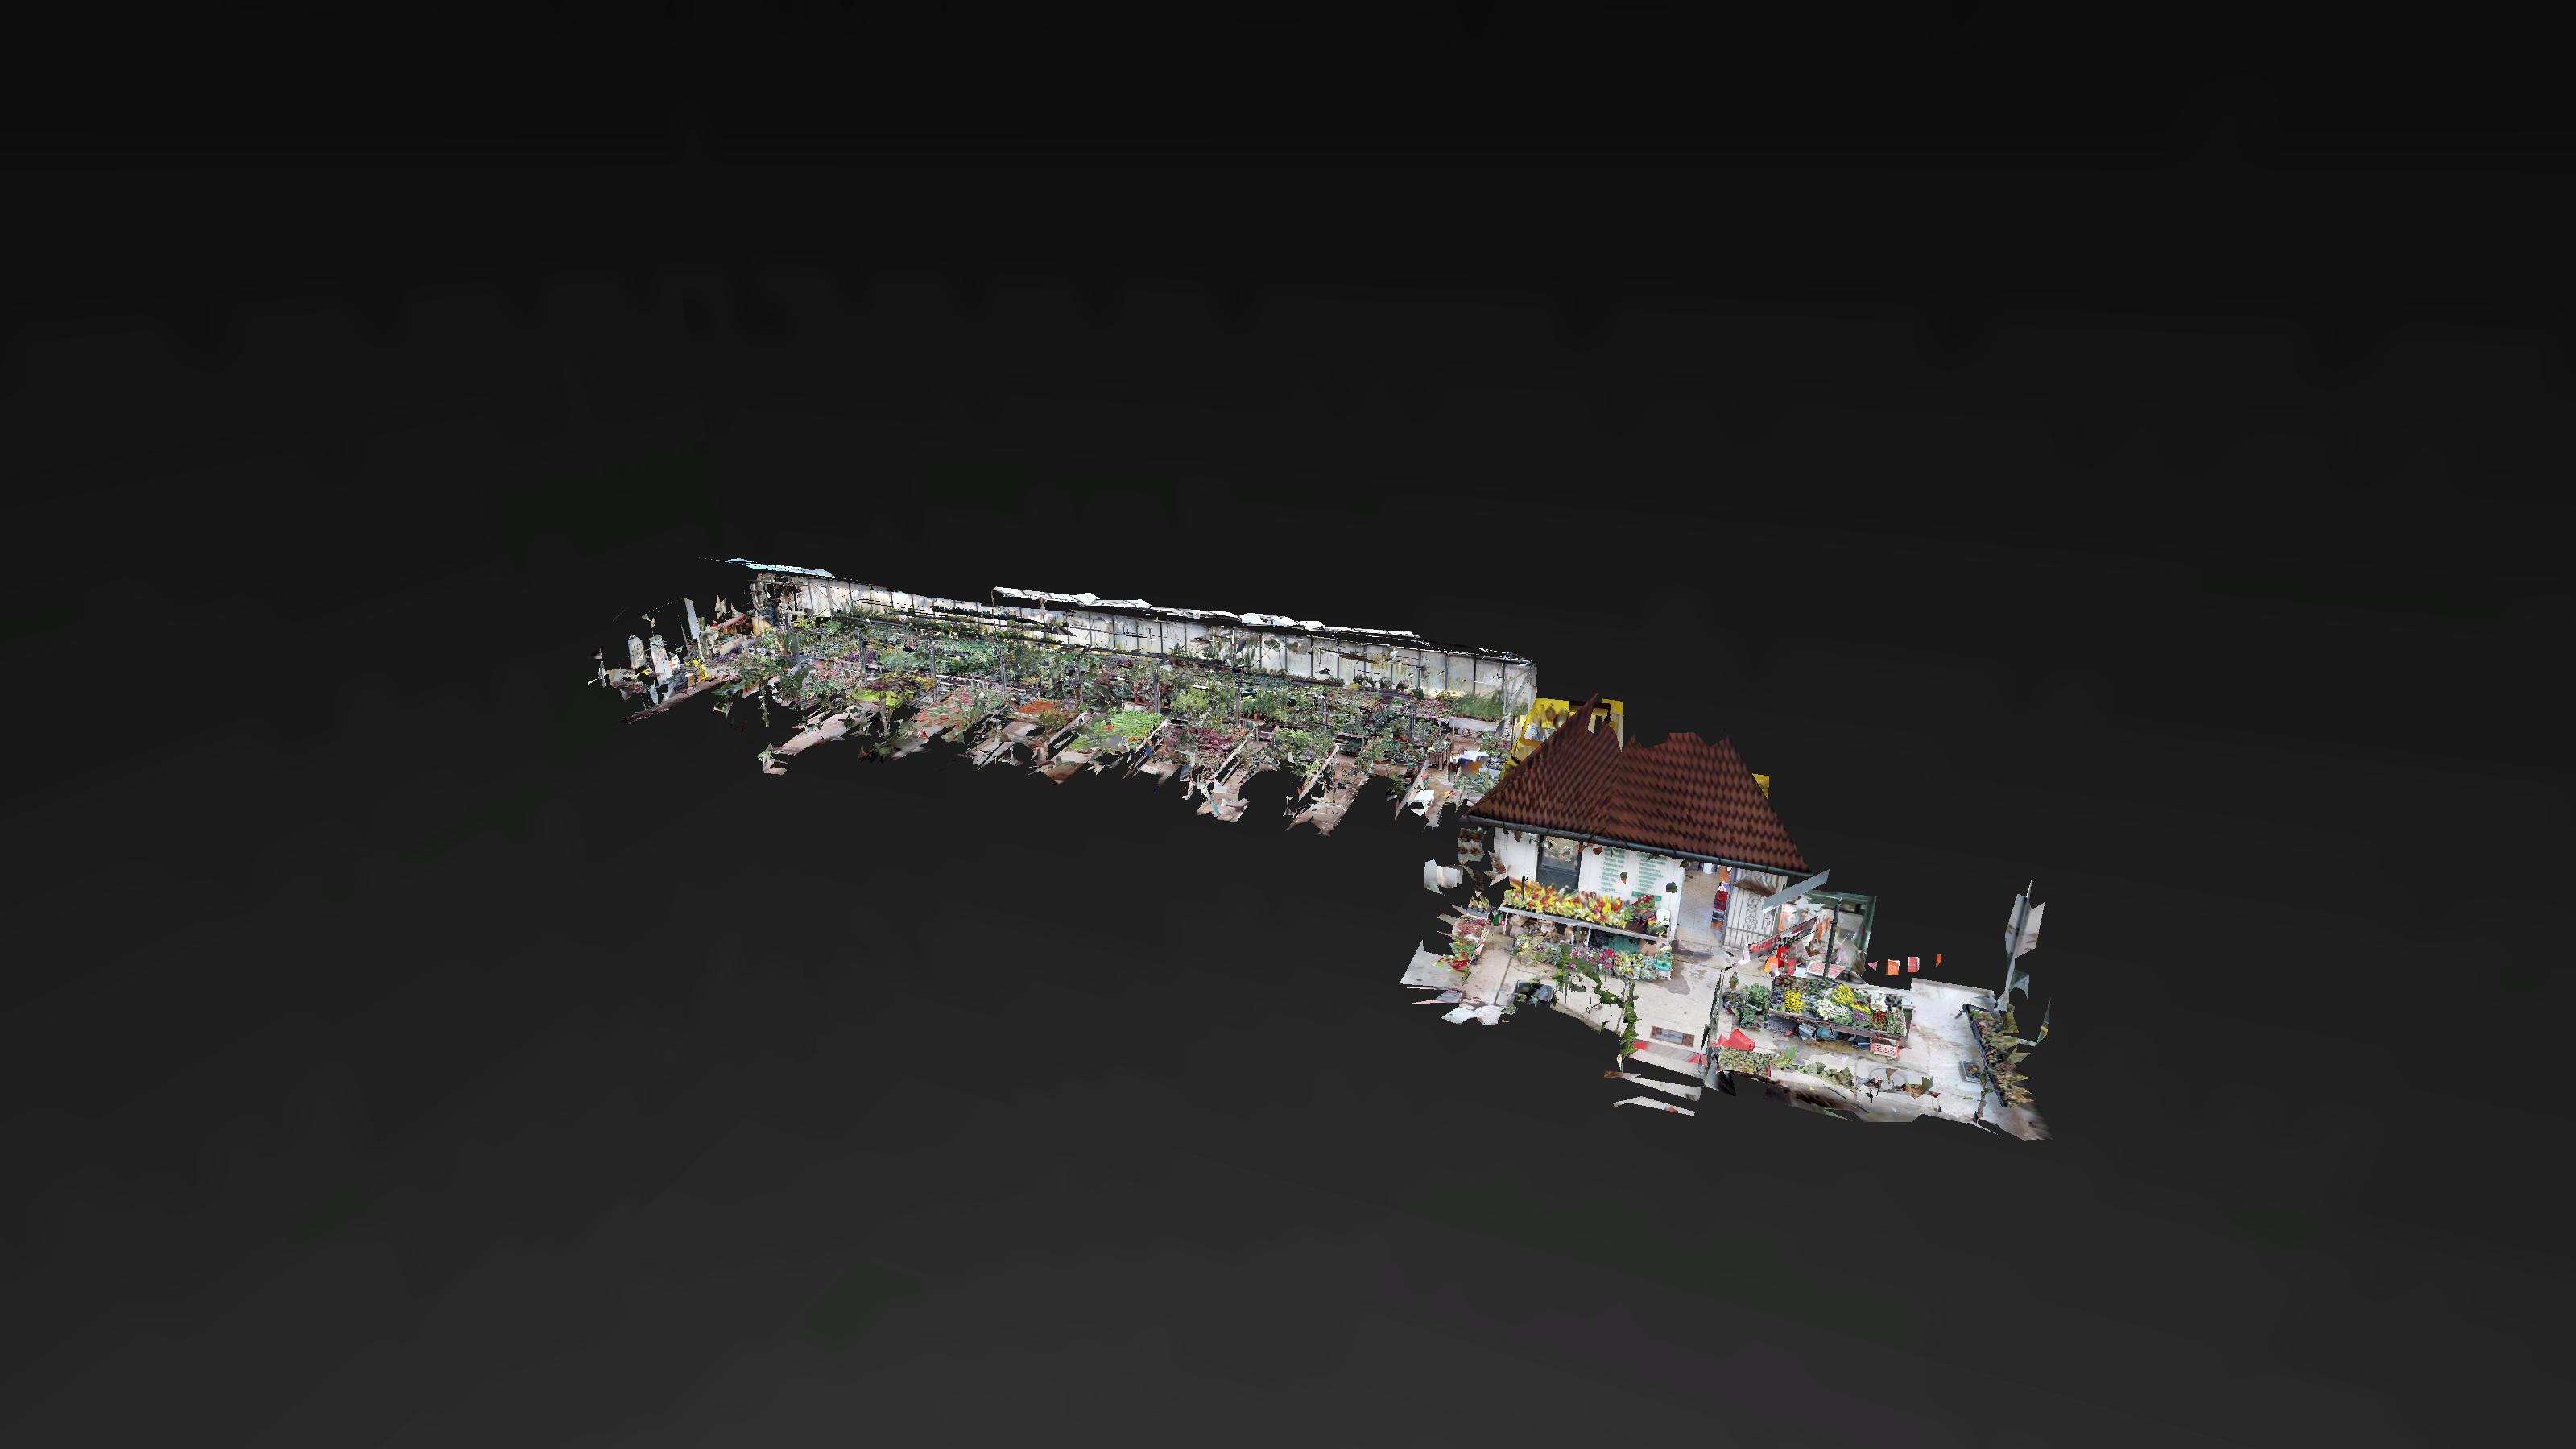 Jánoskert kertészet 3D Matterport babaház nézet 3D Matterport virtuális túra Brand360